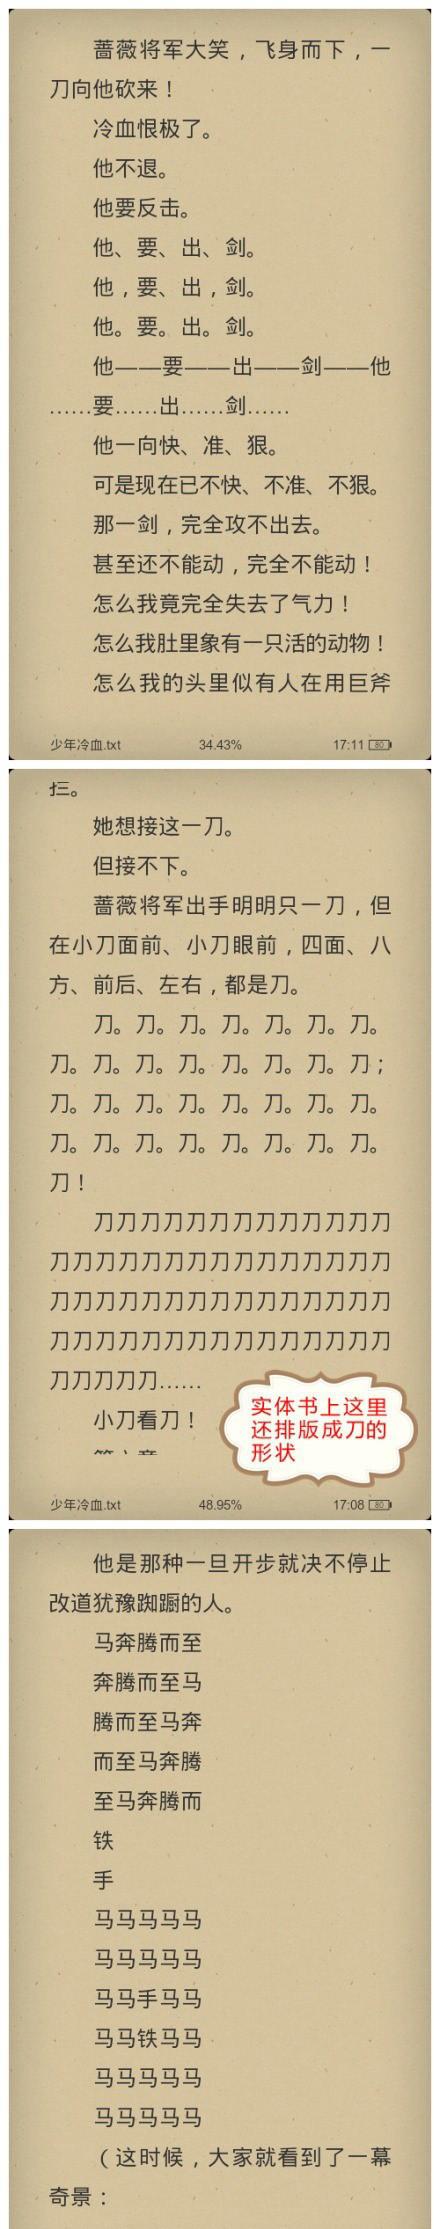 这是在骗稿费吧!(╯‵□′)╯︵┻━┻ 是!在!骗!稿!费!吧! 在,骗,稿,费,吧,骗……稿……费……吧……稿——费——吧,费。吧。吧。。。